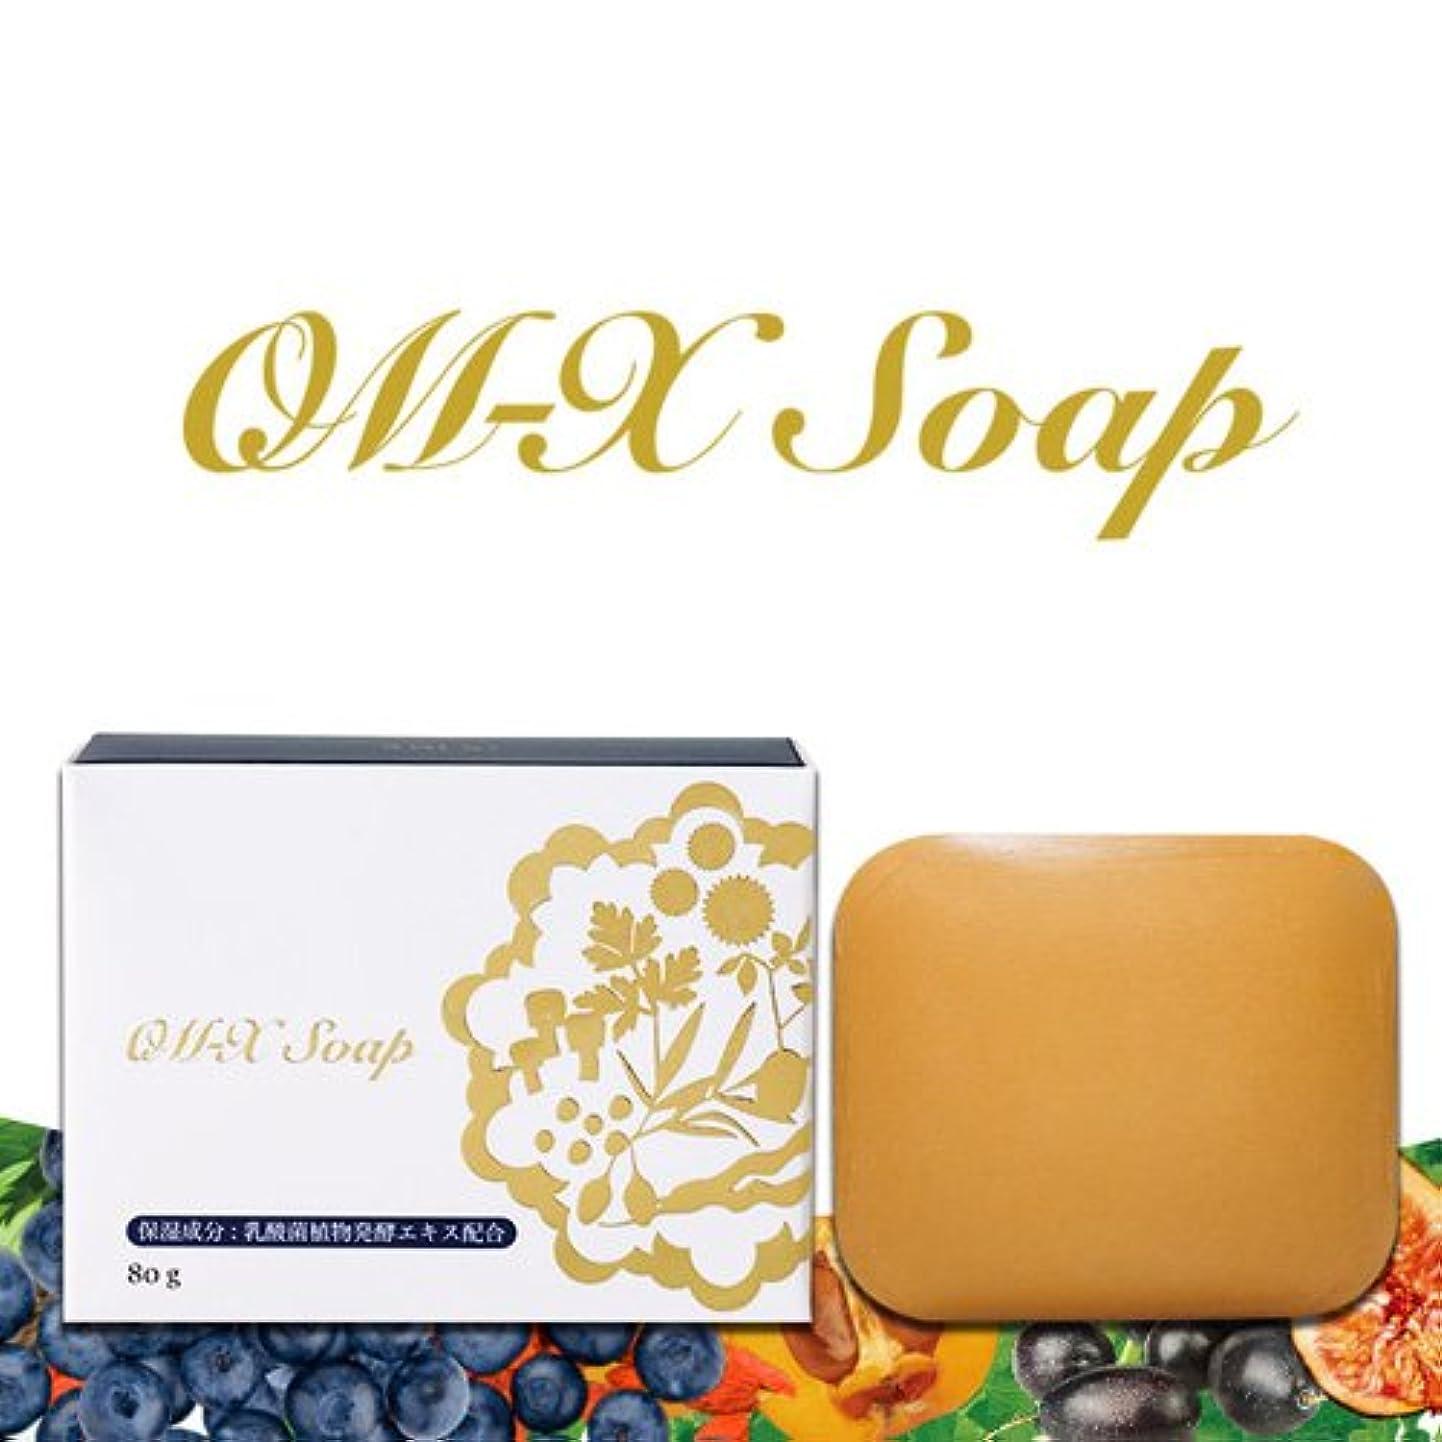 ストレージお願いしますナサニエル区OM-X Soap